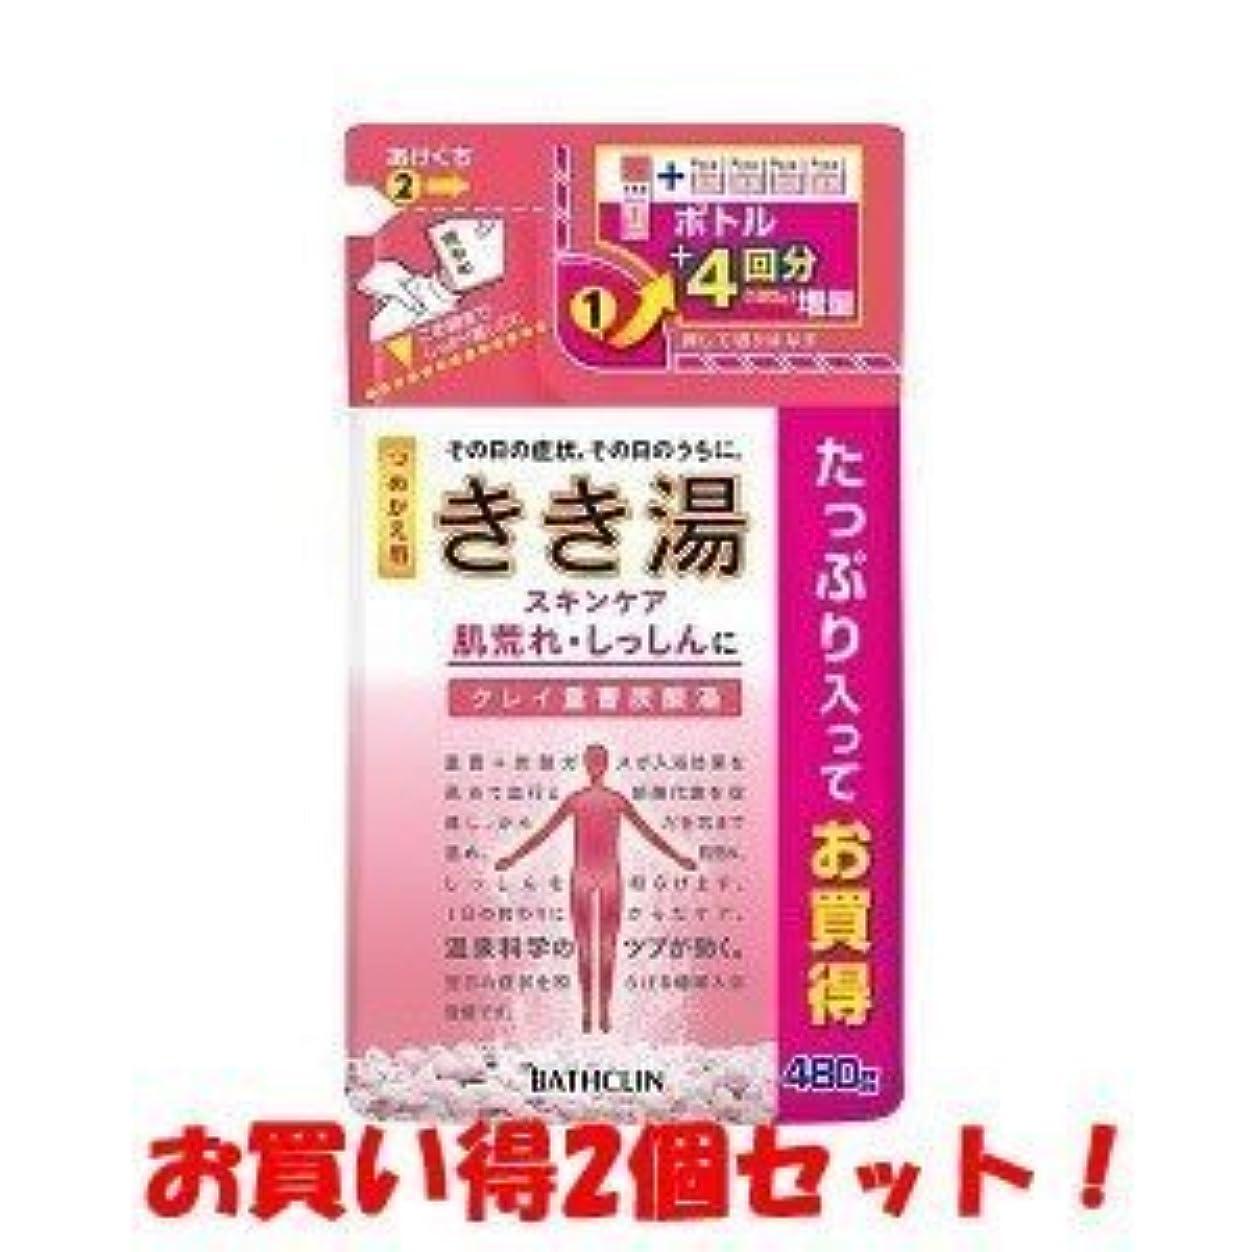 アンカータンパク質ラグ(バスクリン)きき湯 クレイ重曹炭酸湯 つめかえ用 480g(医薬部外品)(お買い得2個セット)